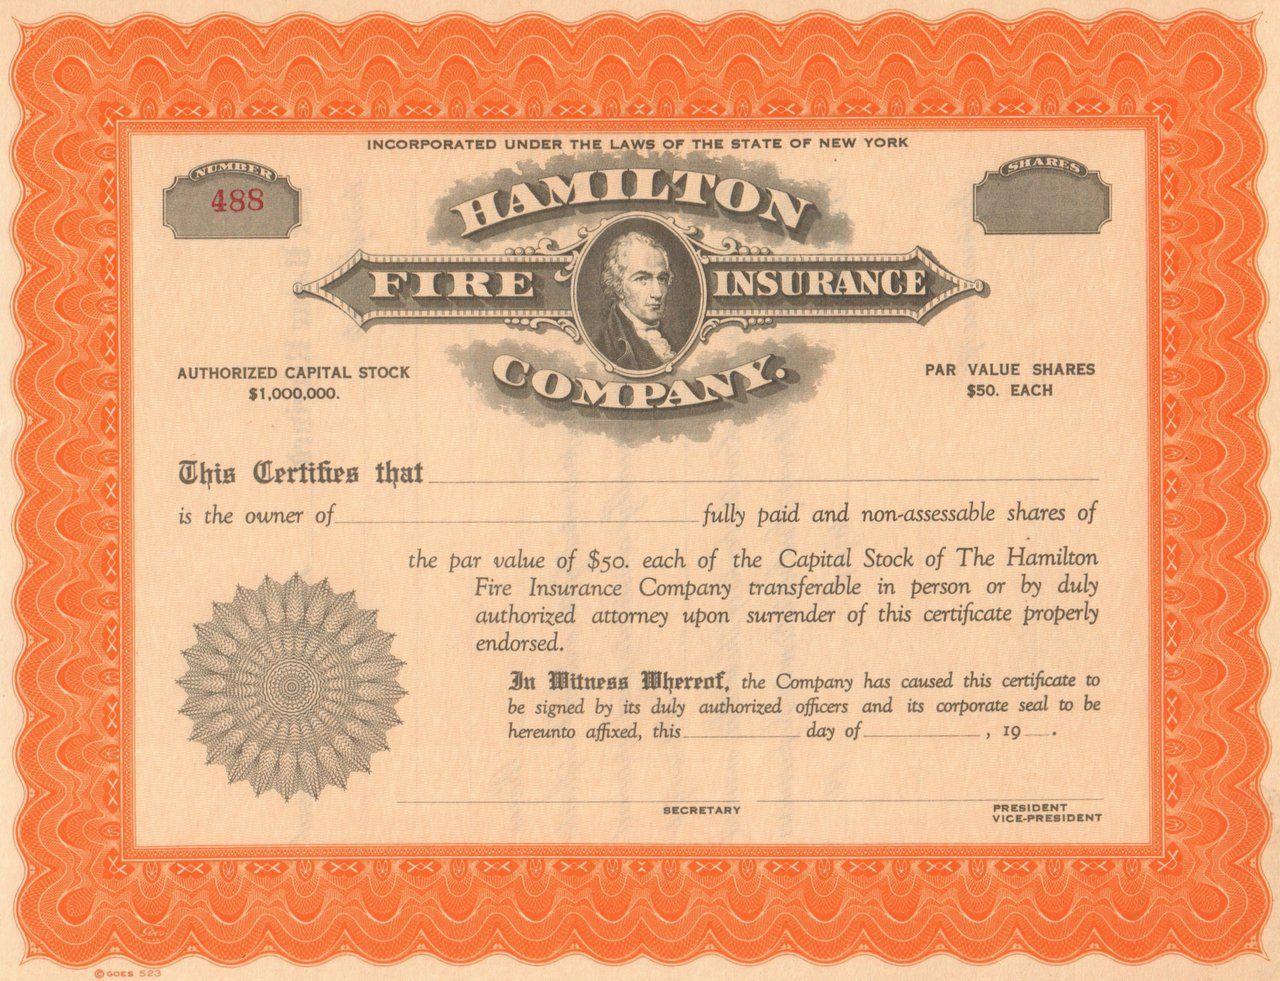 Hamilton Fire Insurance Company 1900s